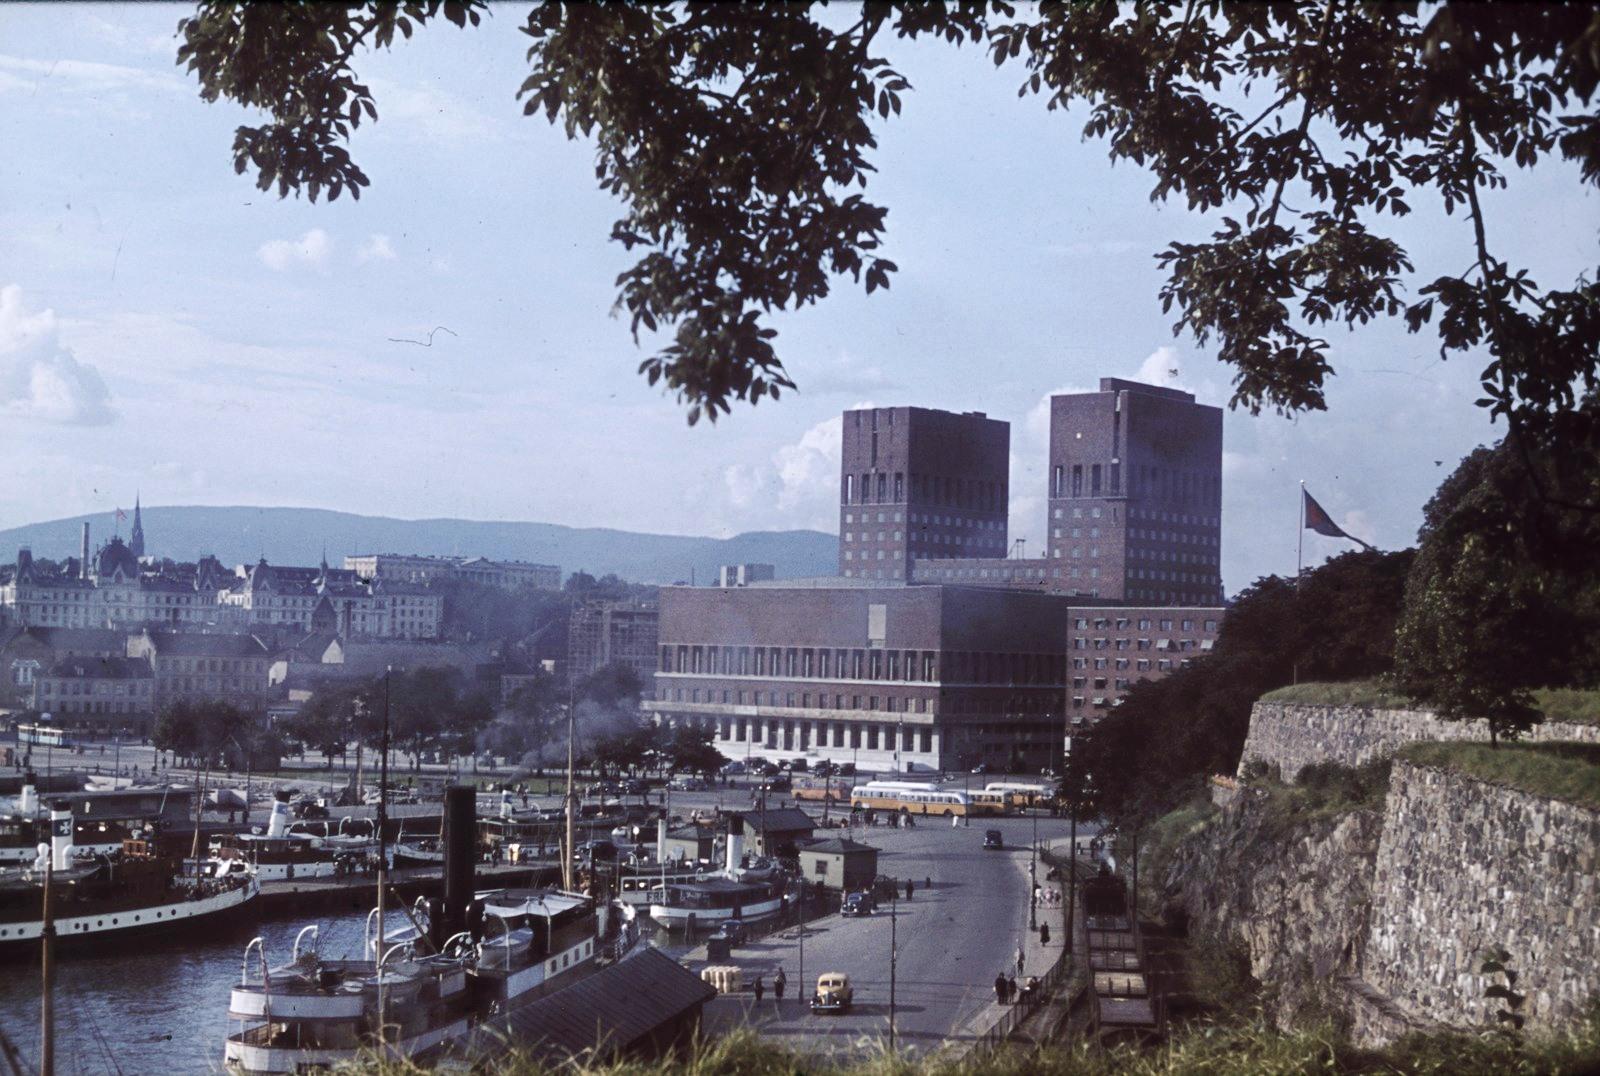 Осло. Вид на район с гаванью и ратушей